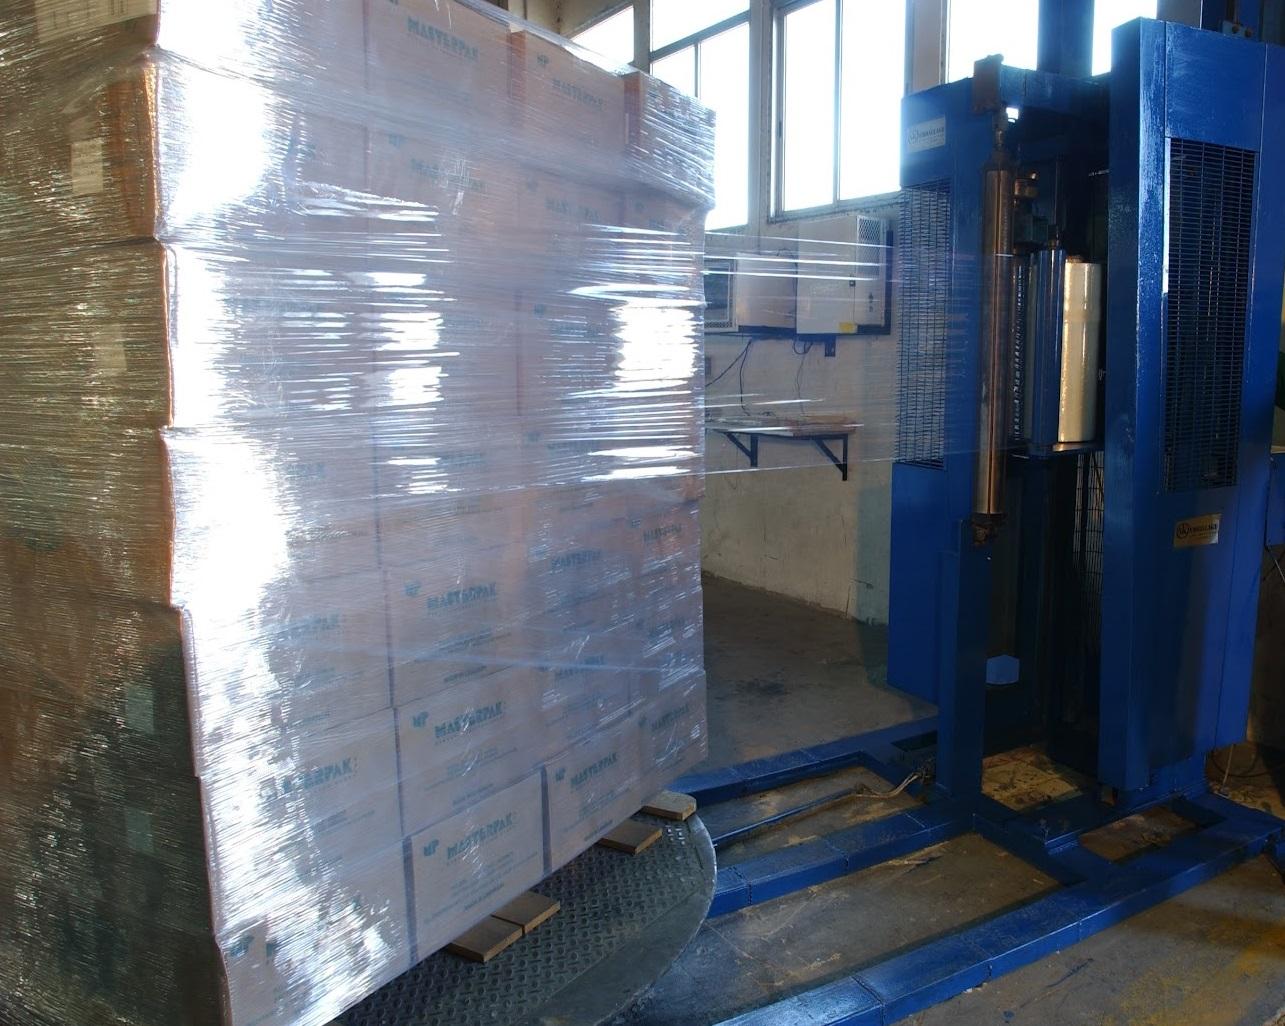 Стрейч пленка для транспортировки грузов: как выбрать упаковочный материал?